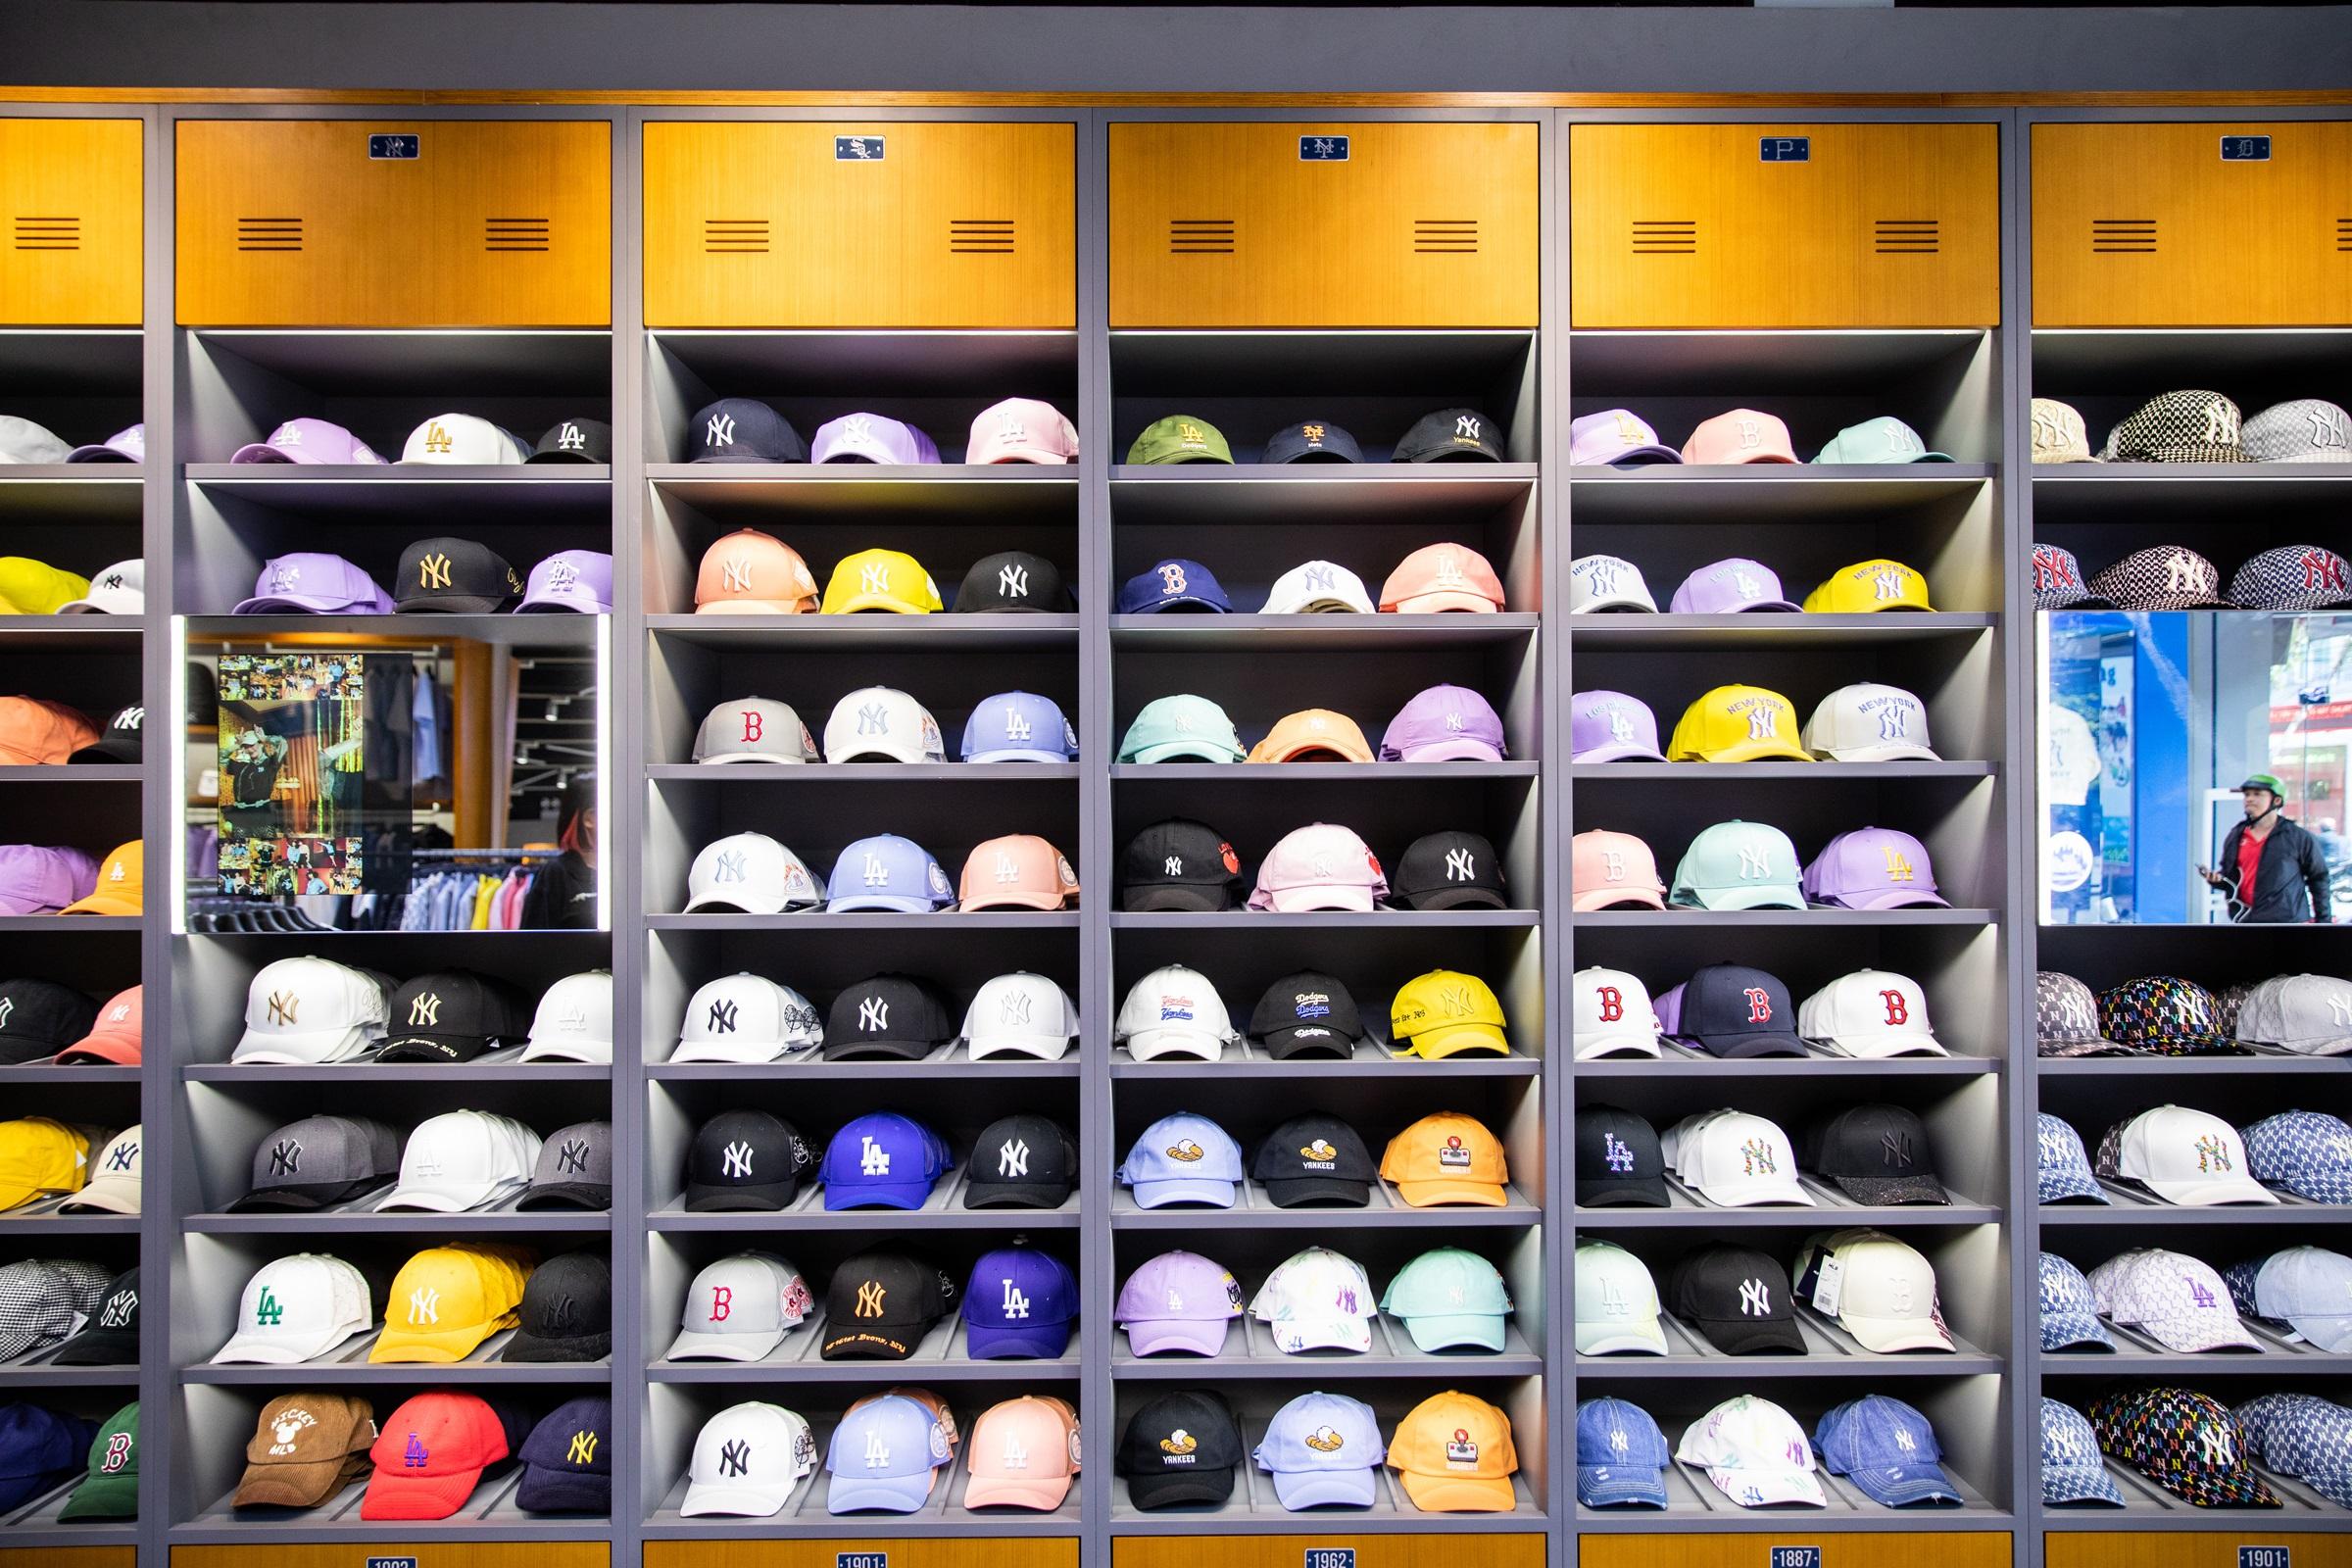 Tại Việt Nam, thương hiệu MLB khai trương cửa hàng đầu tiên vào năm 2019. Các item luôn tạo trend và thu hút tín đồ thời trang.